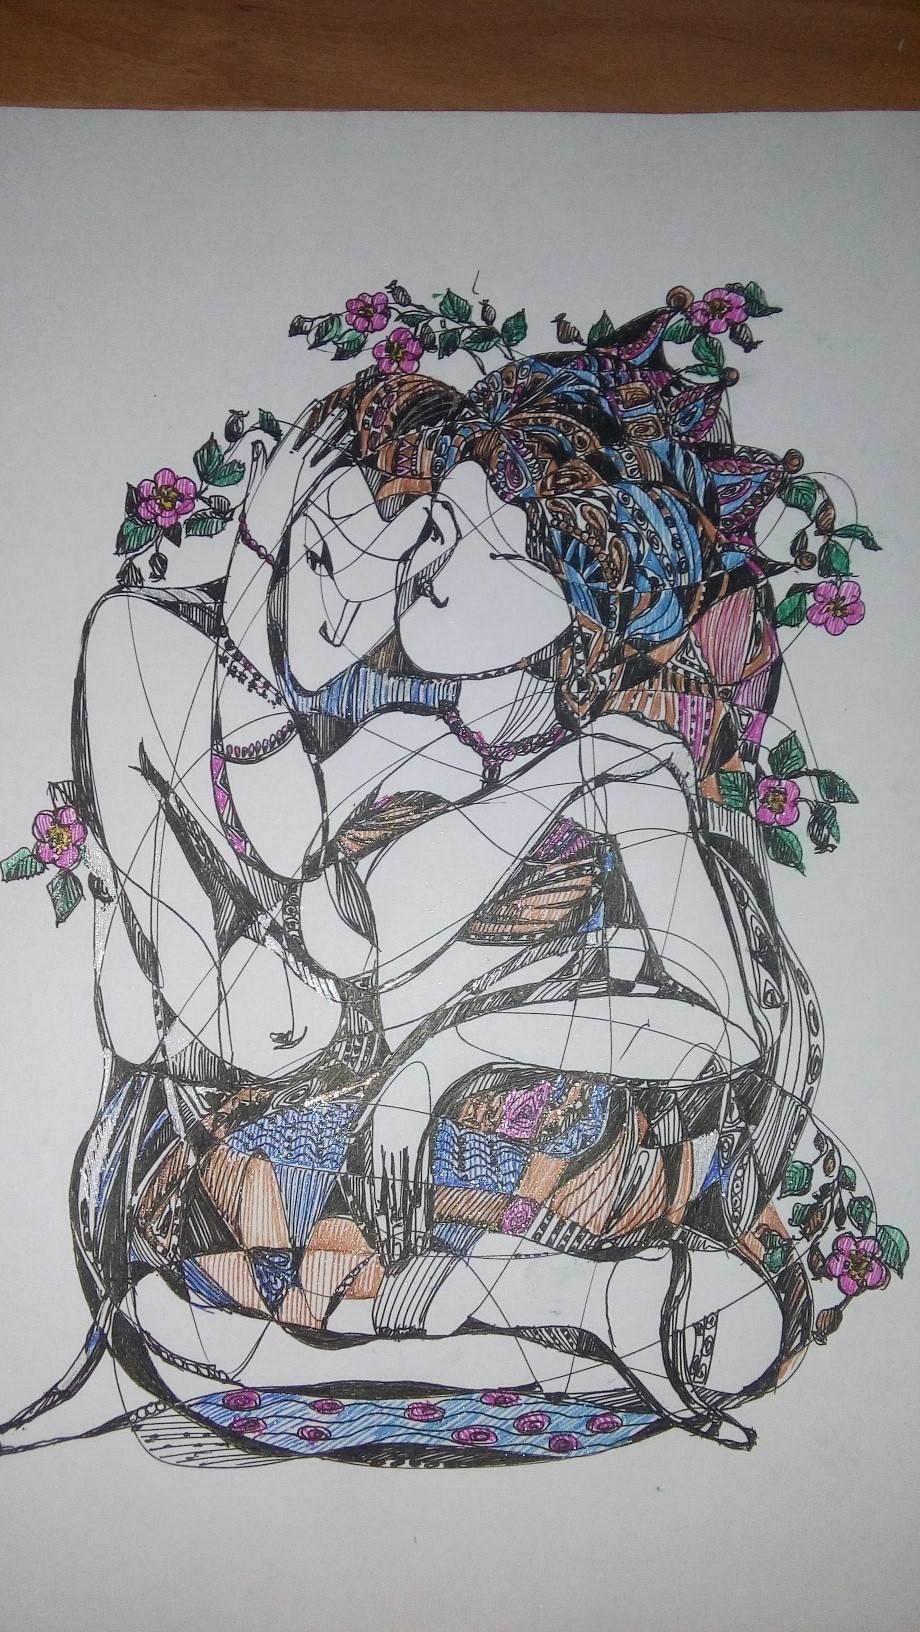 эротические сны, а может и не сны? Бумага , гелевые ручки формат А4